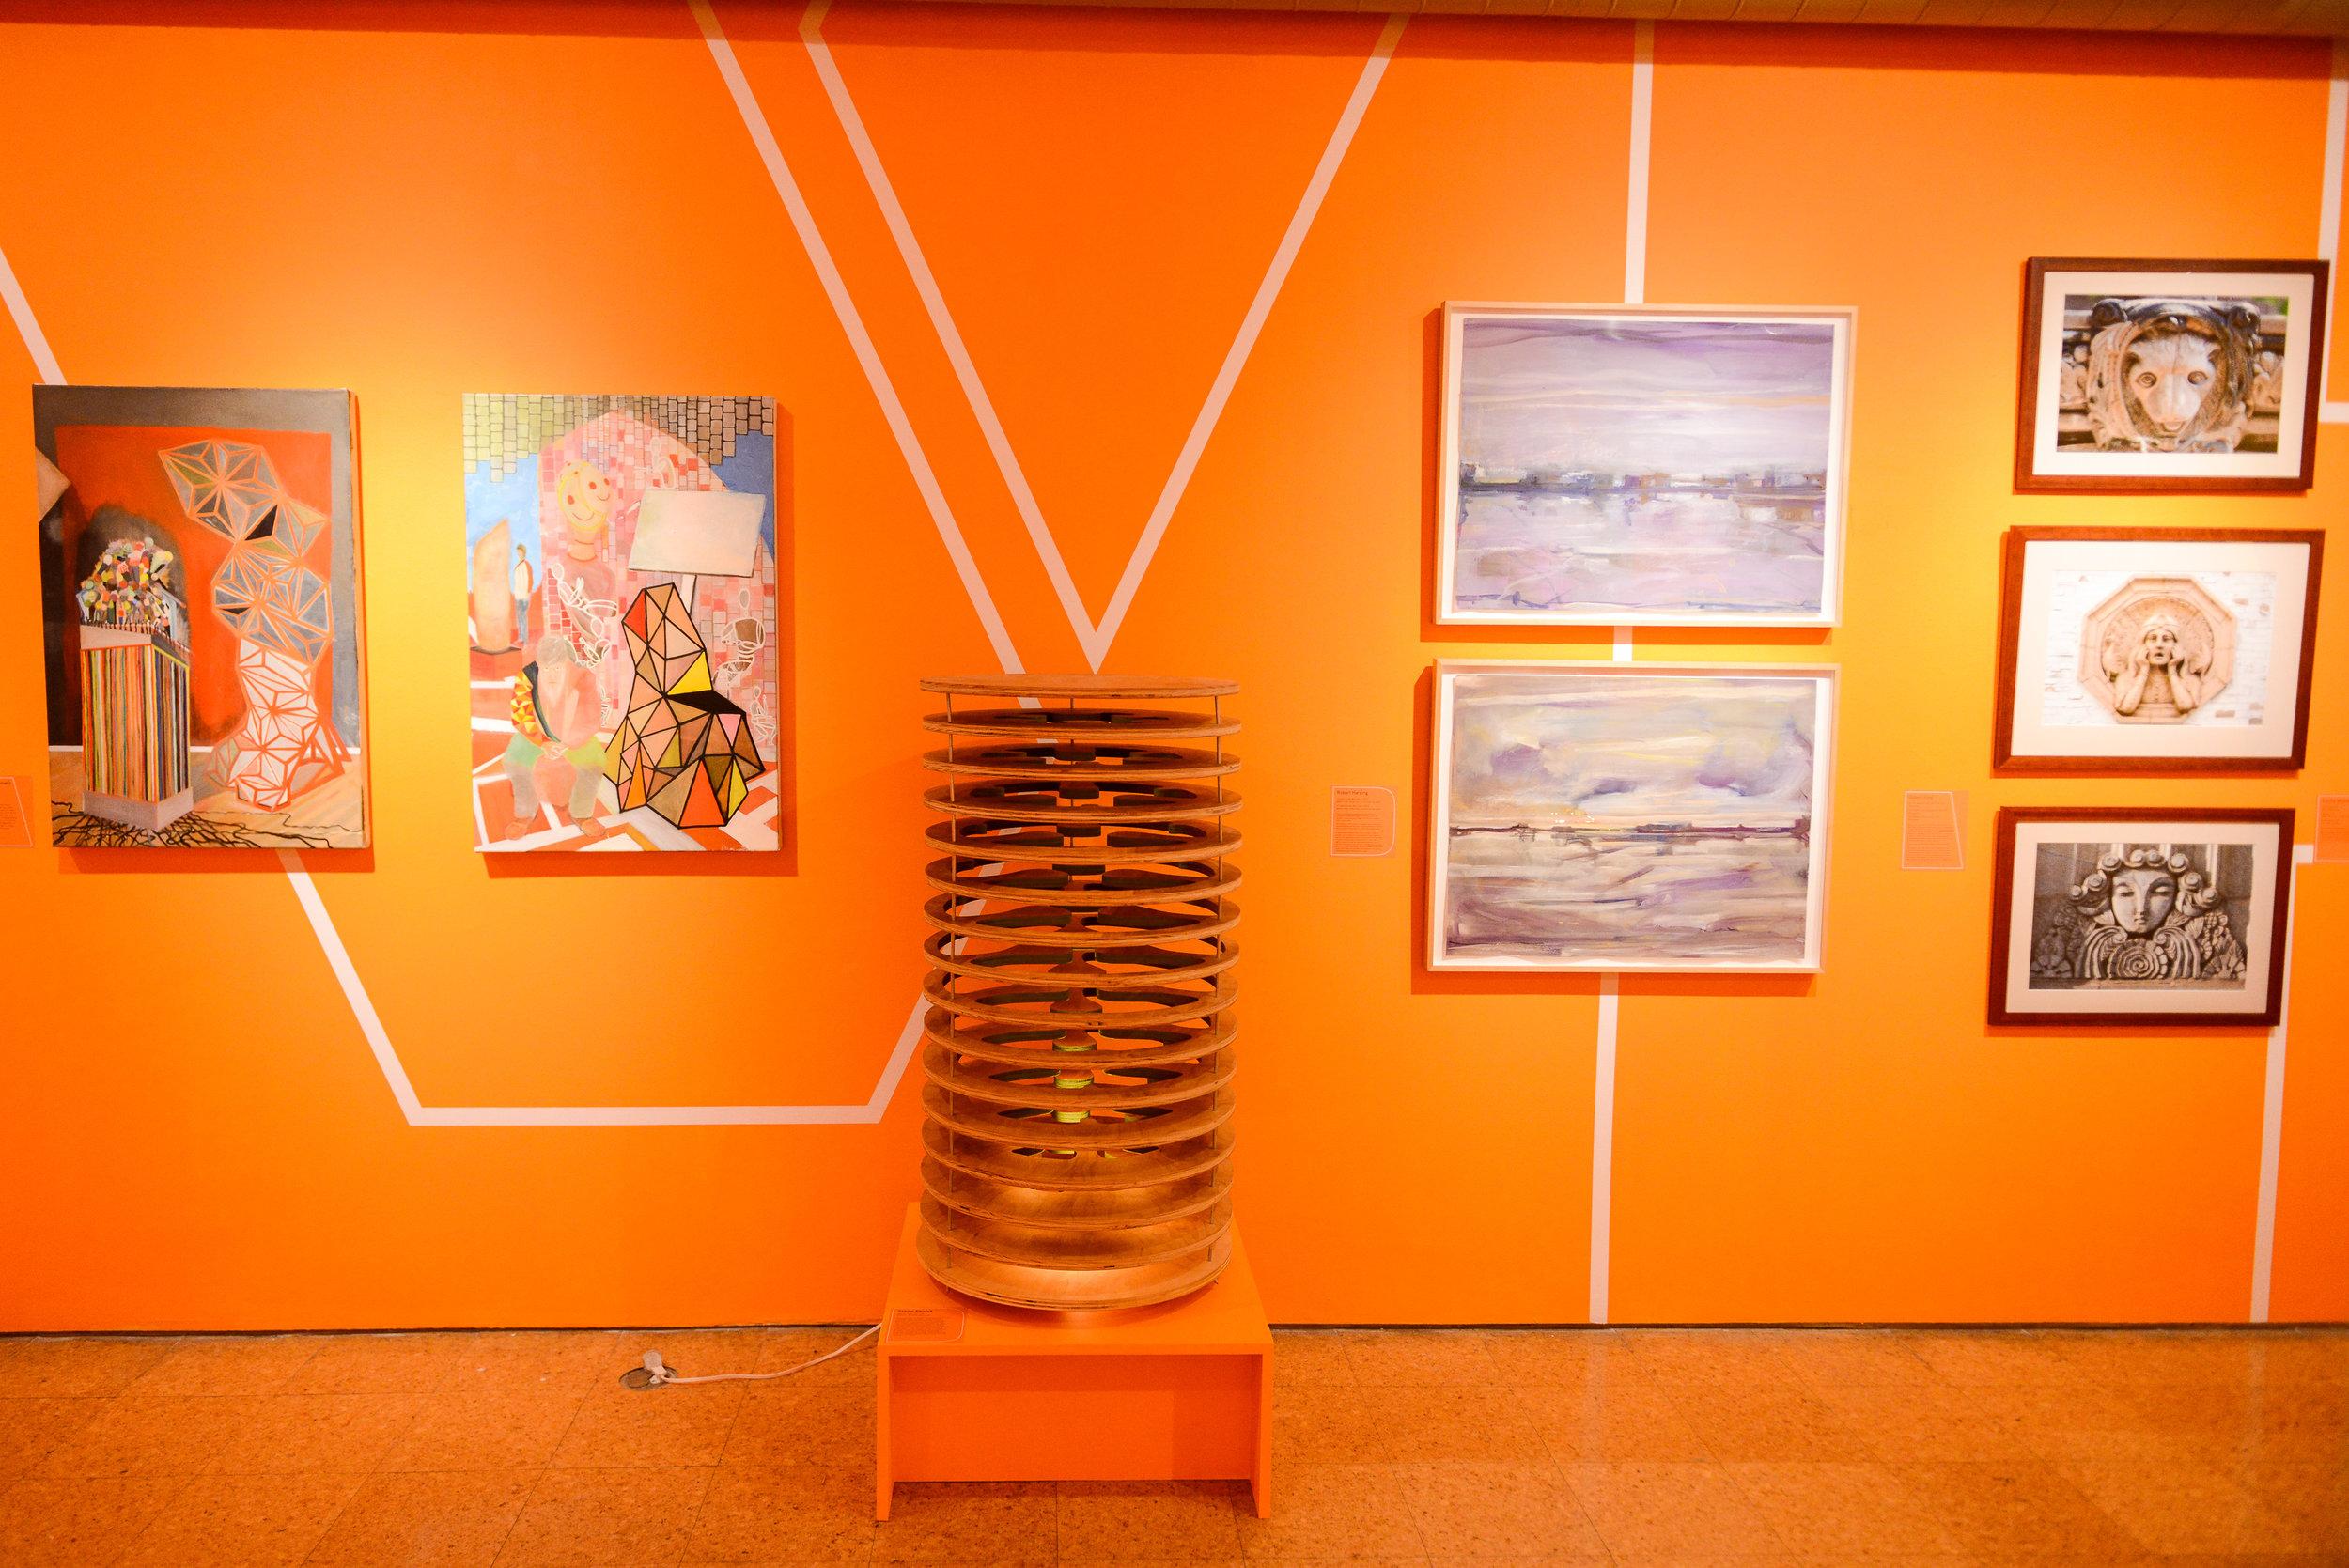 creative-scholarship-a-nysid-faculty-exhibition_37256080240_o[1].jpg